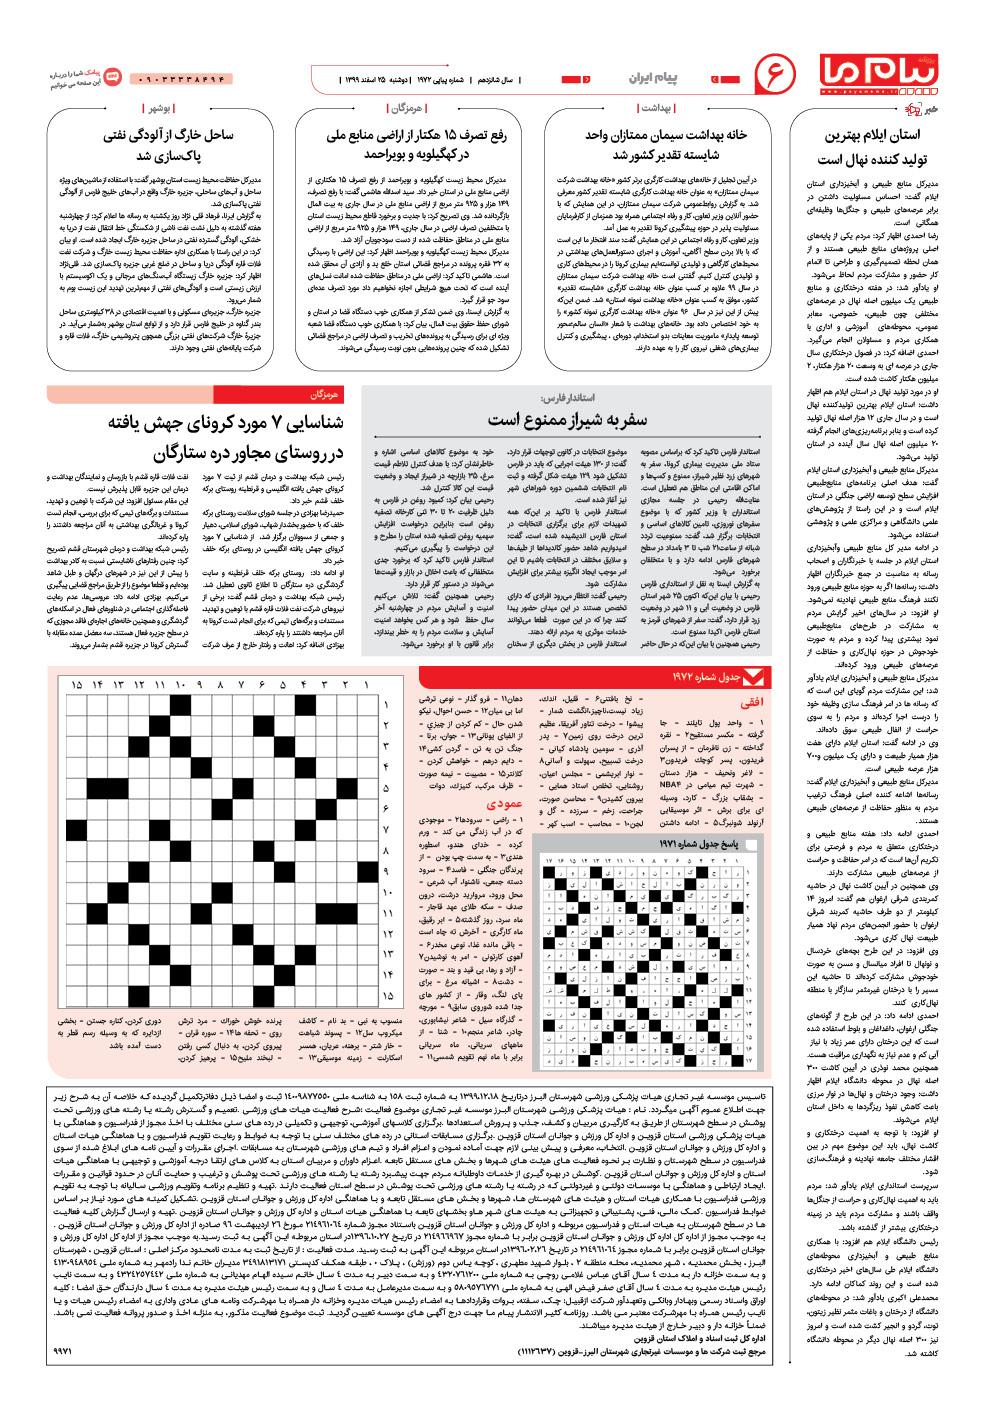 صفحه پیام ایران شماره ۱۹۷۲ روزنامه پیام ما